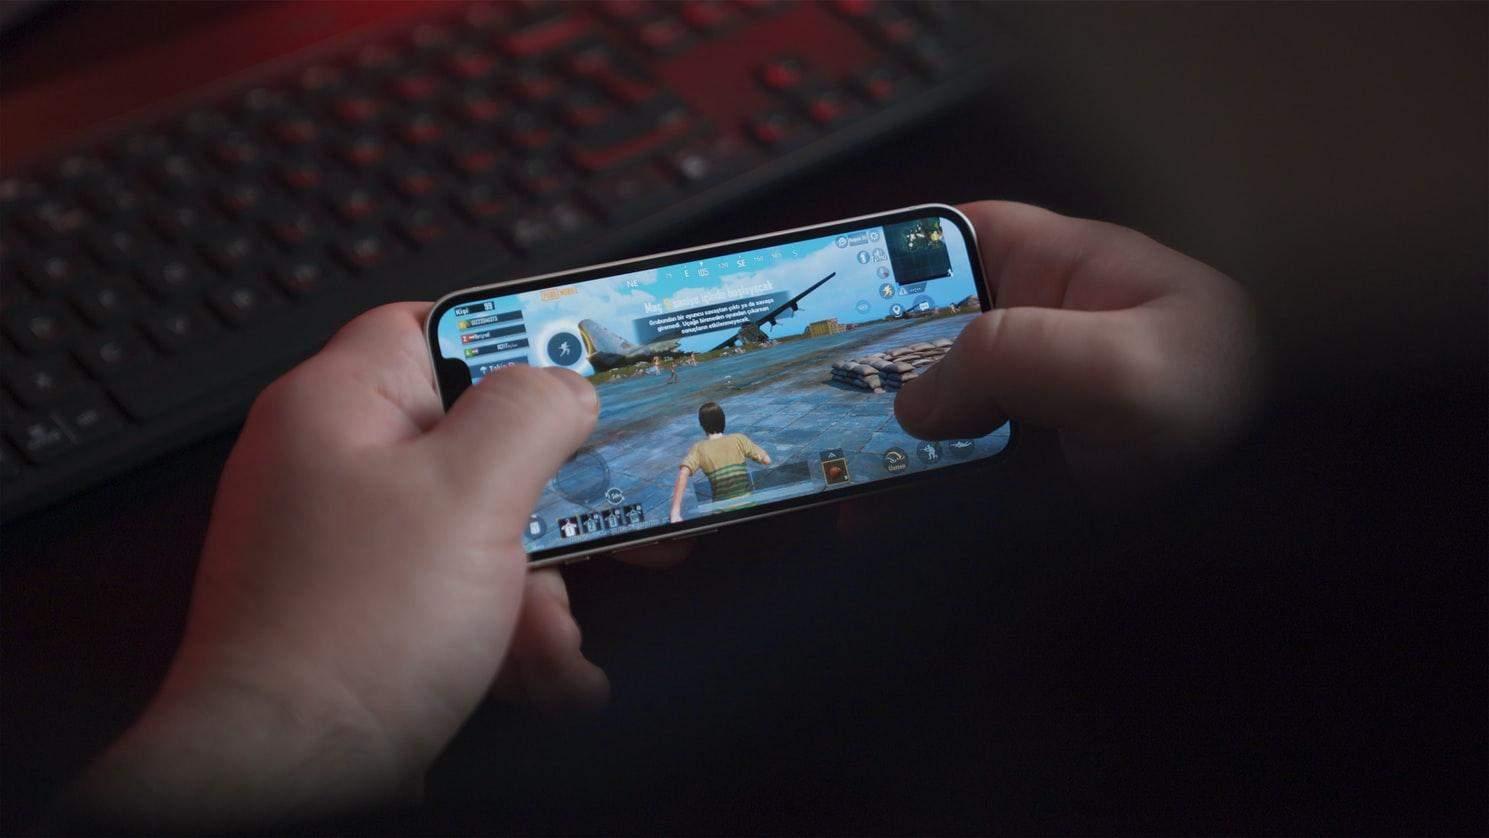 Ігри та відео навантажують процесор